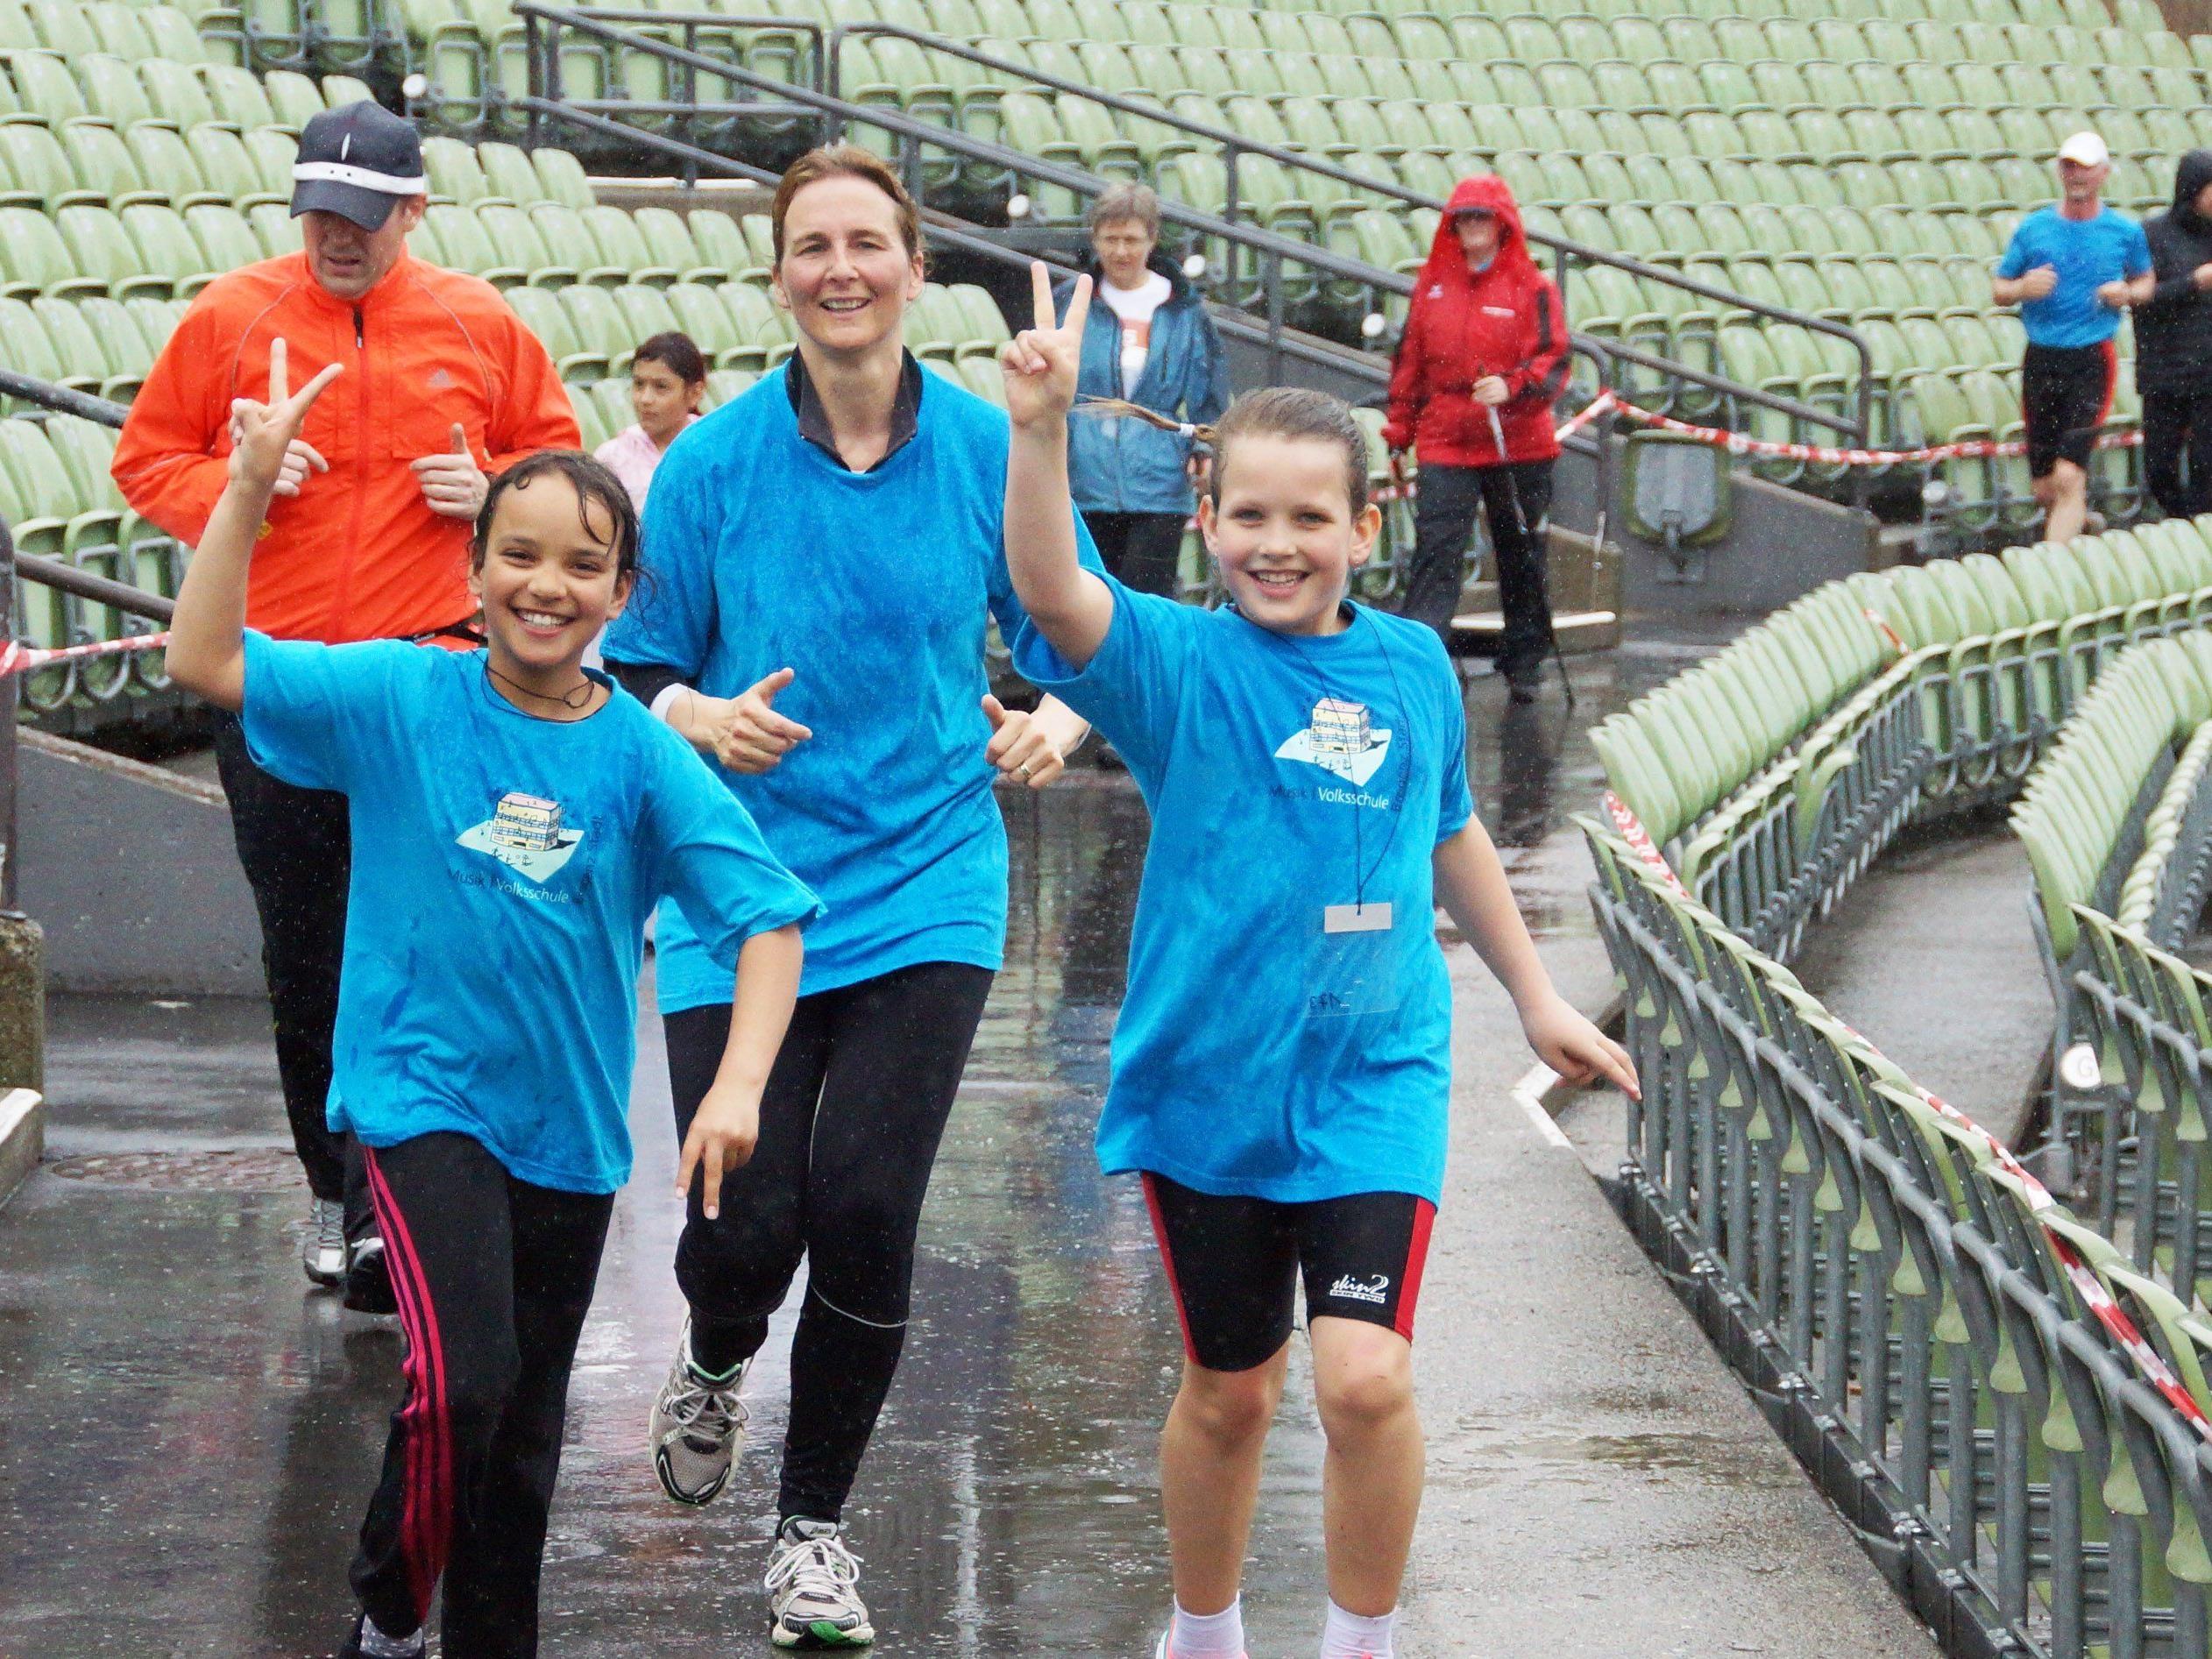 Der Dauerregen hielt die Teilnehmerinnen und Teilnehmer nicht vom Mitmachen ab